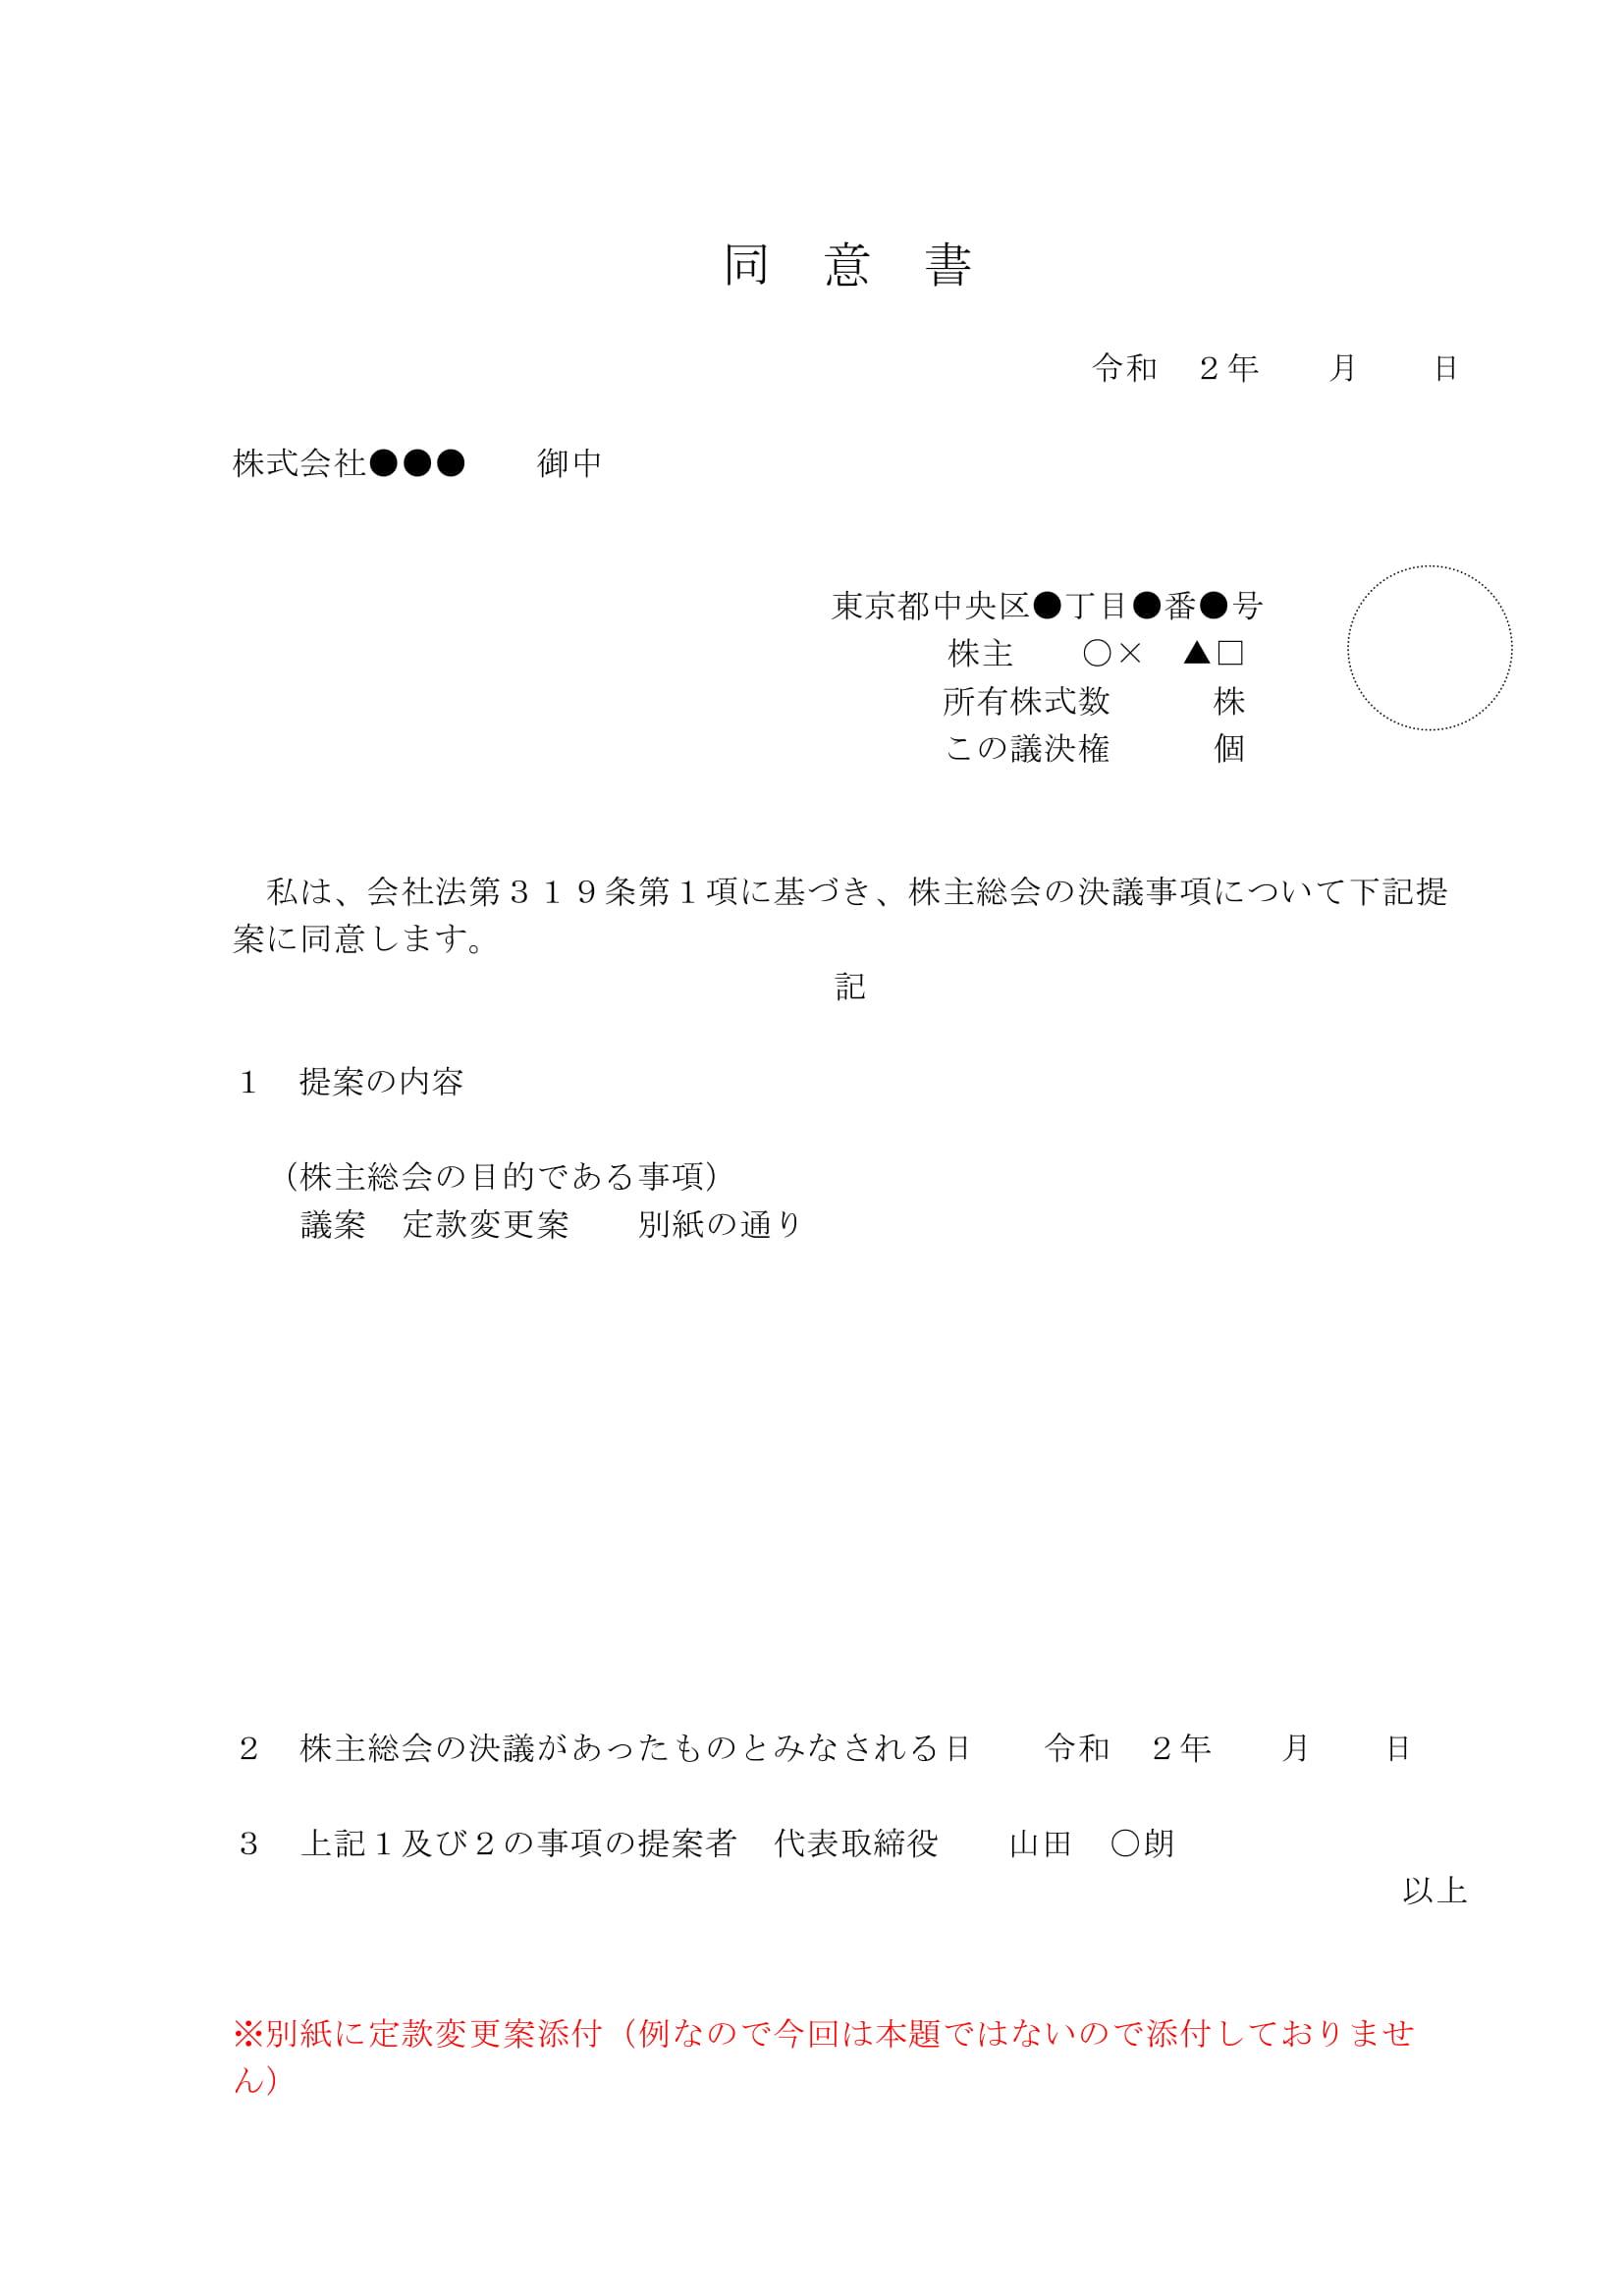 書面 決議 総会